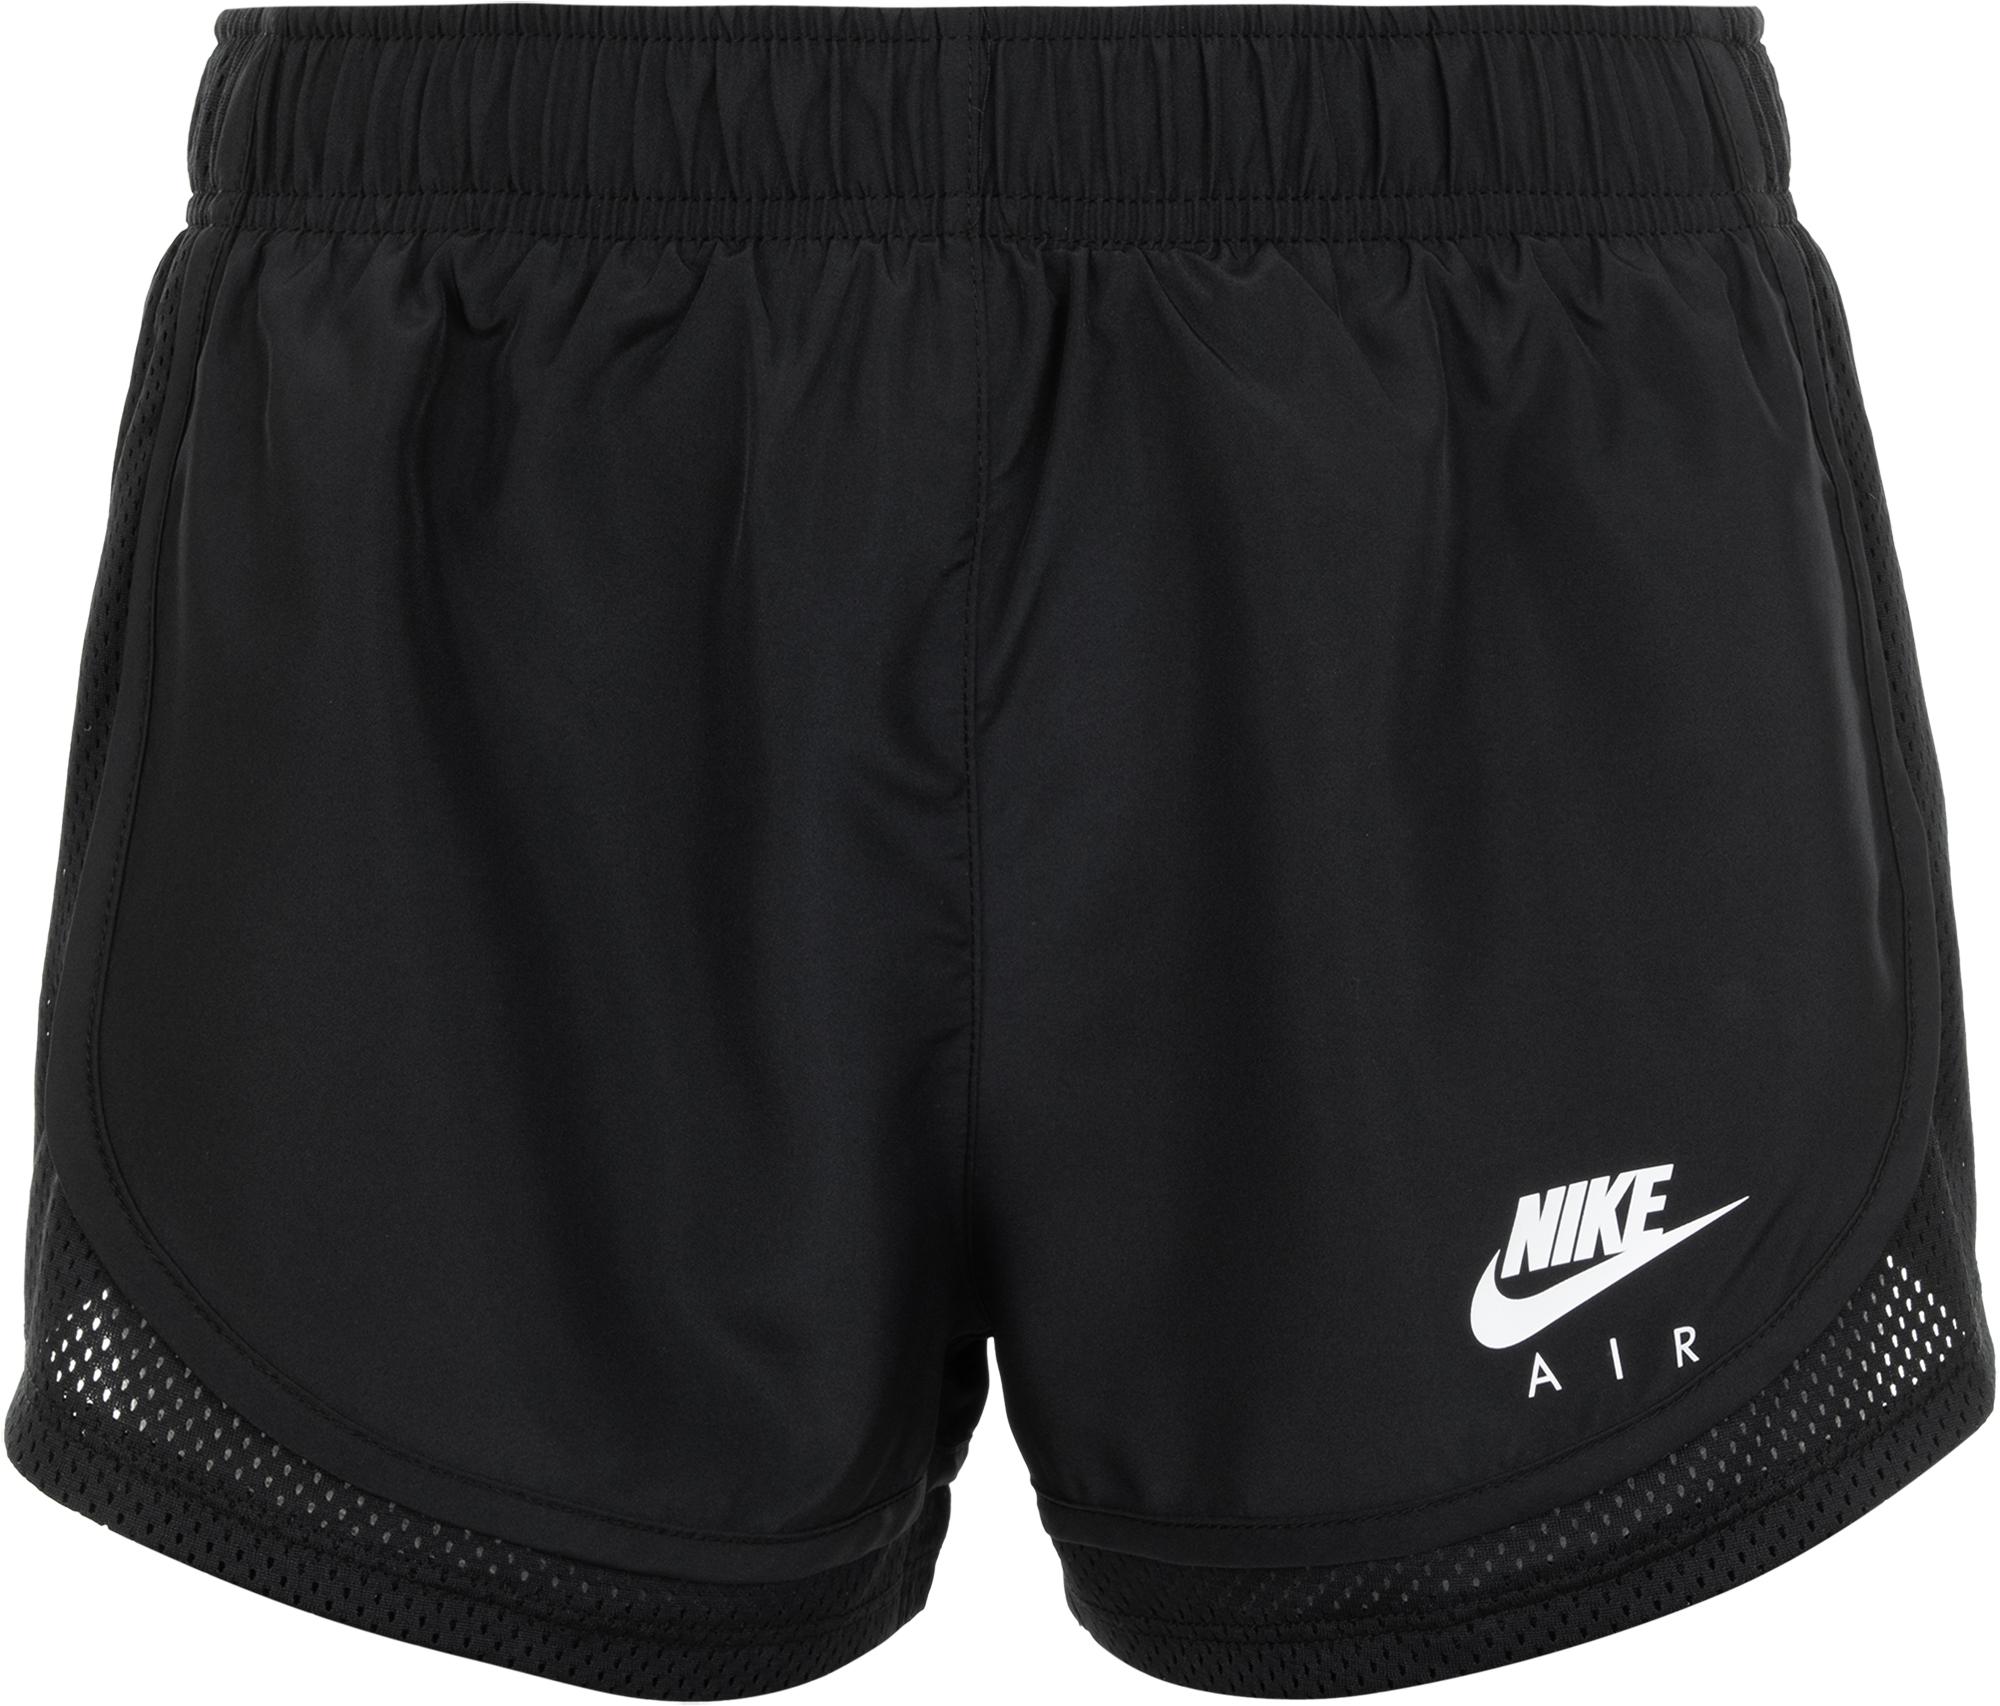 Nike Шорты женские Nike Air Tempo, размер 46-48 nike майка женская nike air размер 46 48